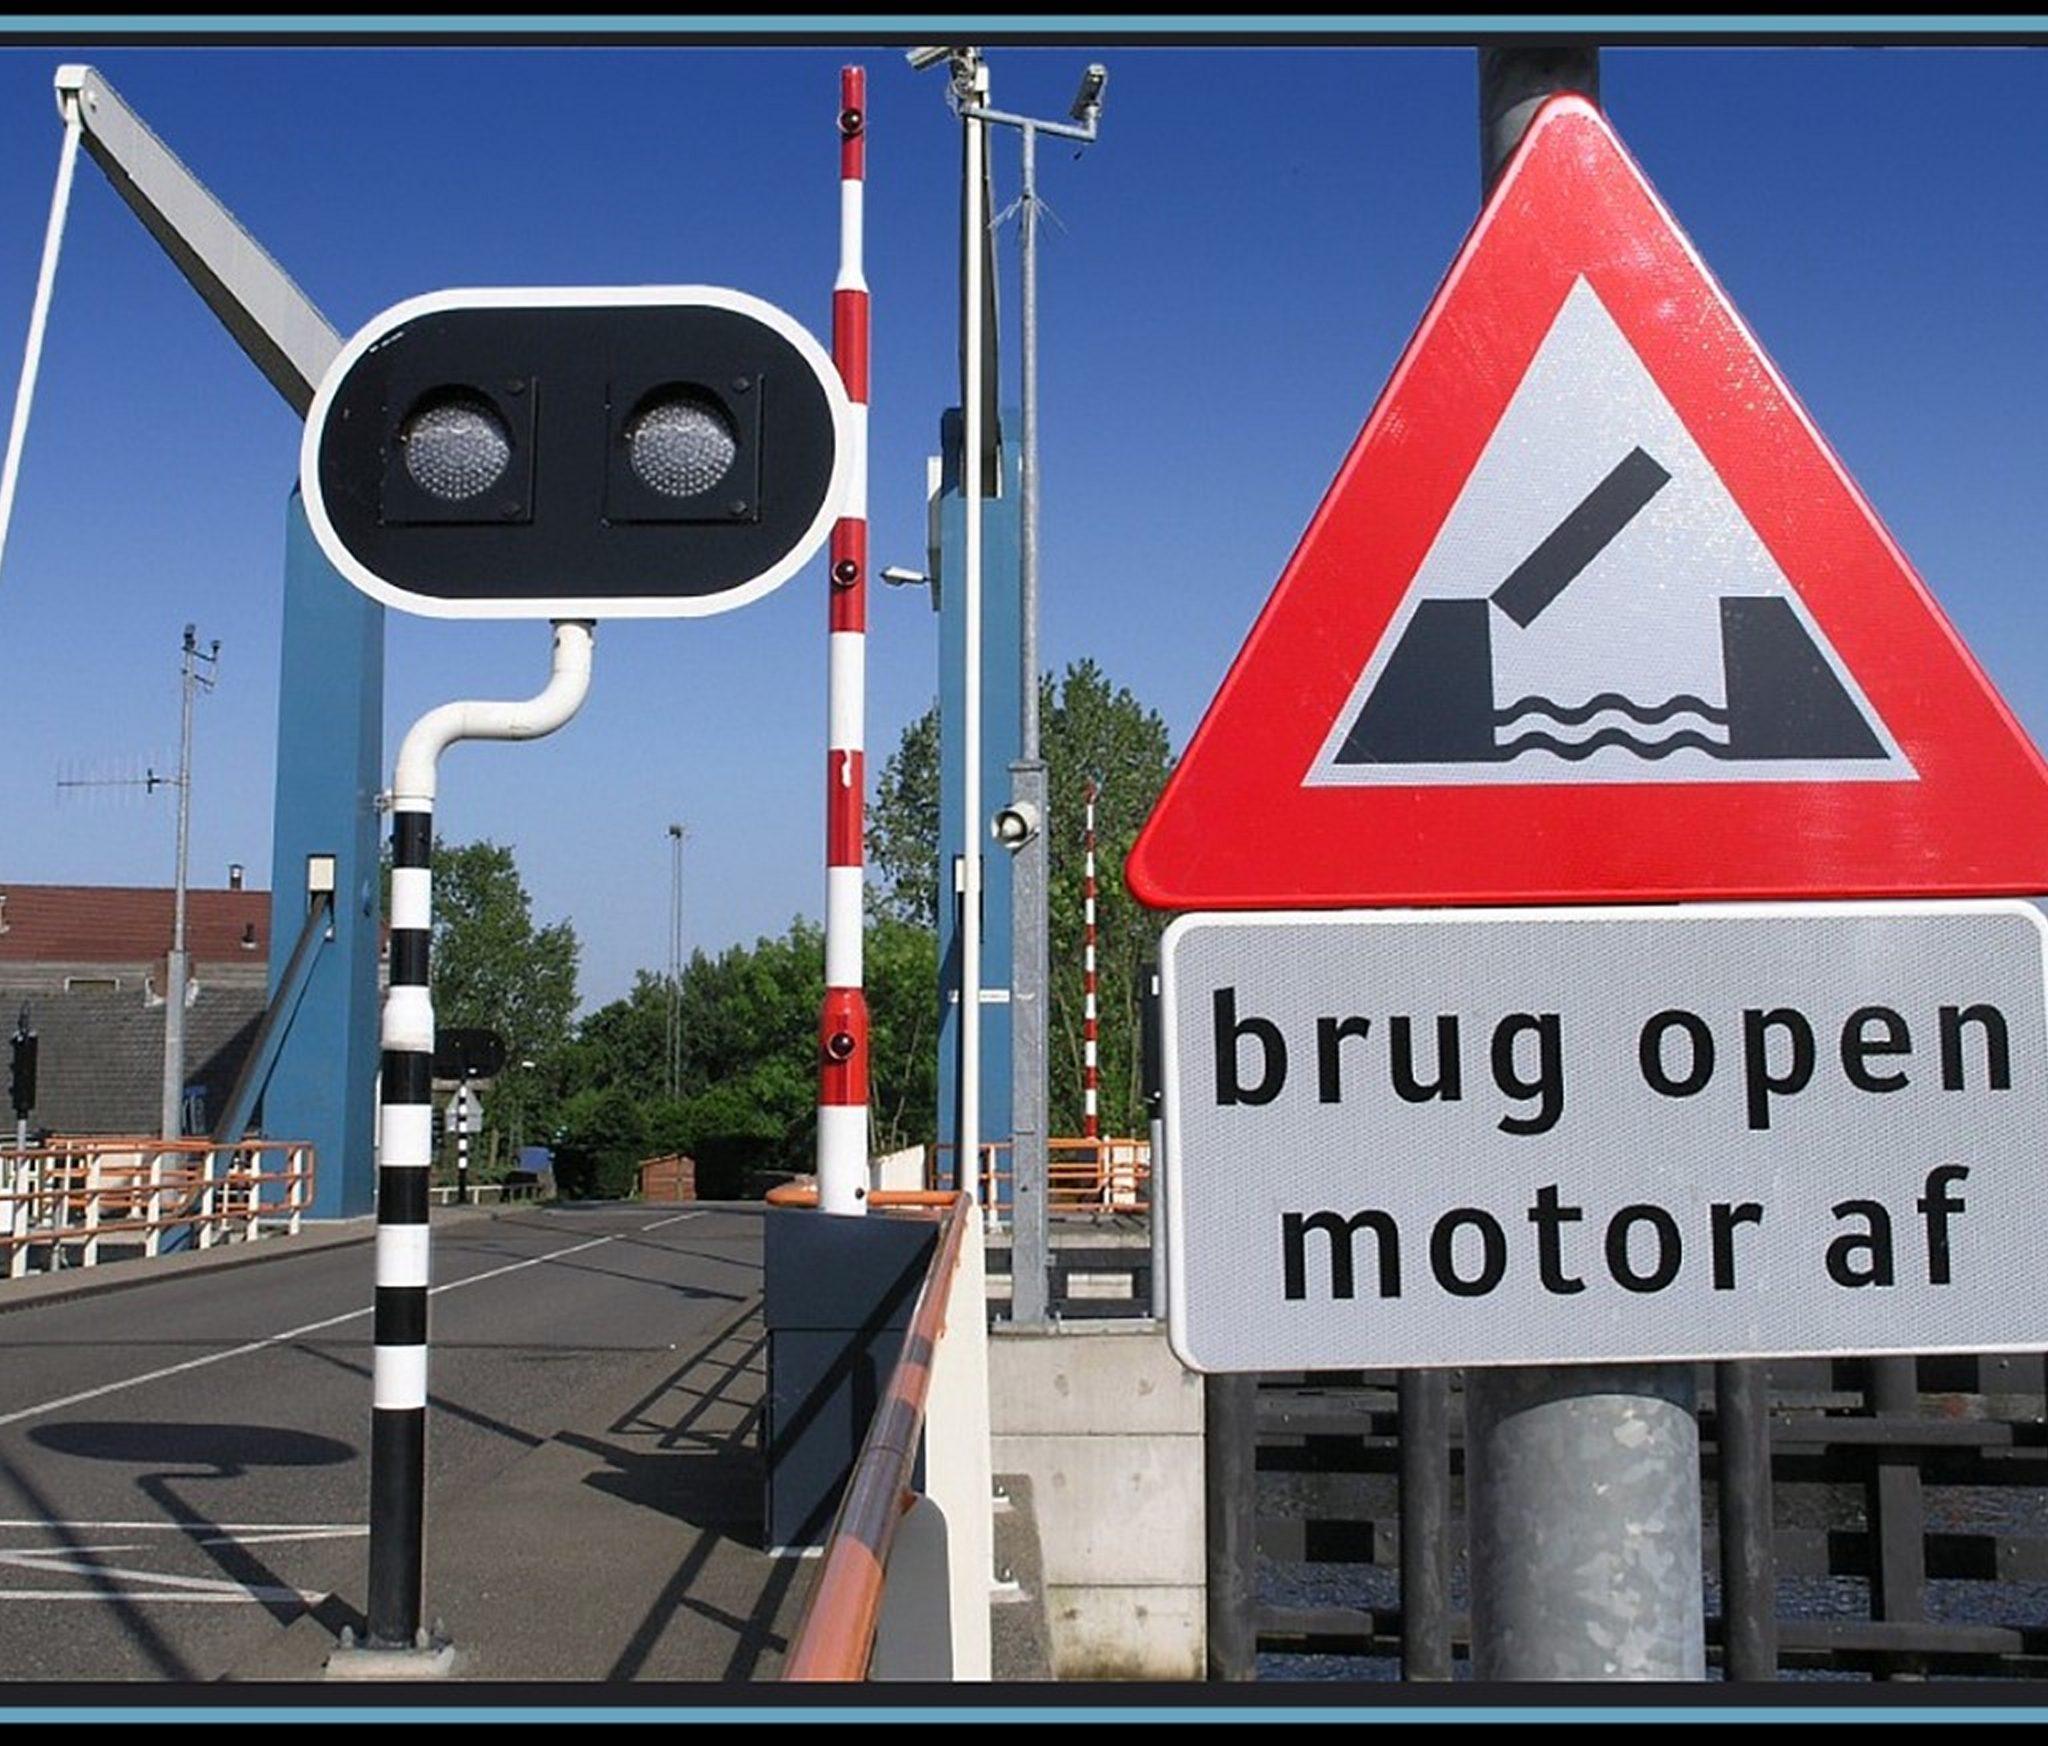 Na een file gaat een weg weer 'open' voor het verkeer. Maar als een brug 'open' gaat dan moet het wegverkeer juist stoppen. 'Open en dicht' geldt hier voor het scheepvaartverkeer.